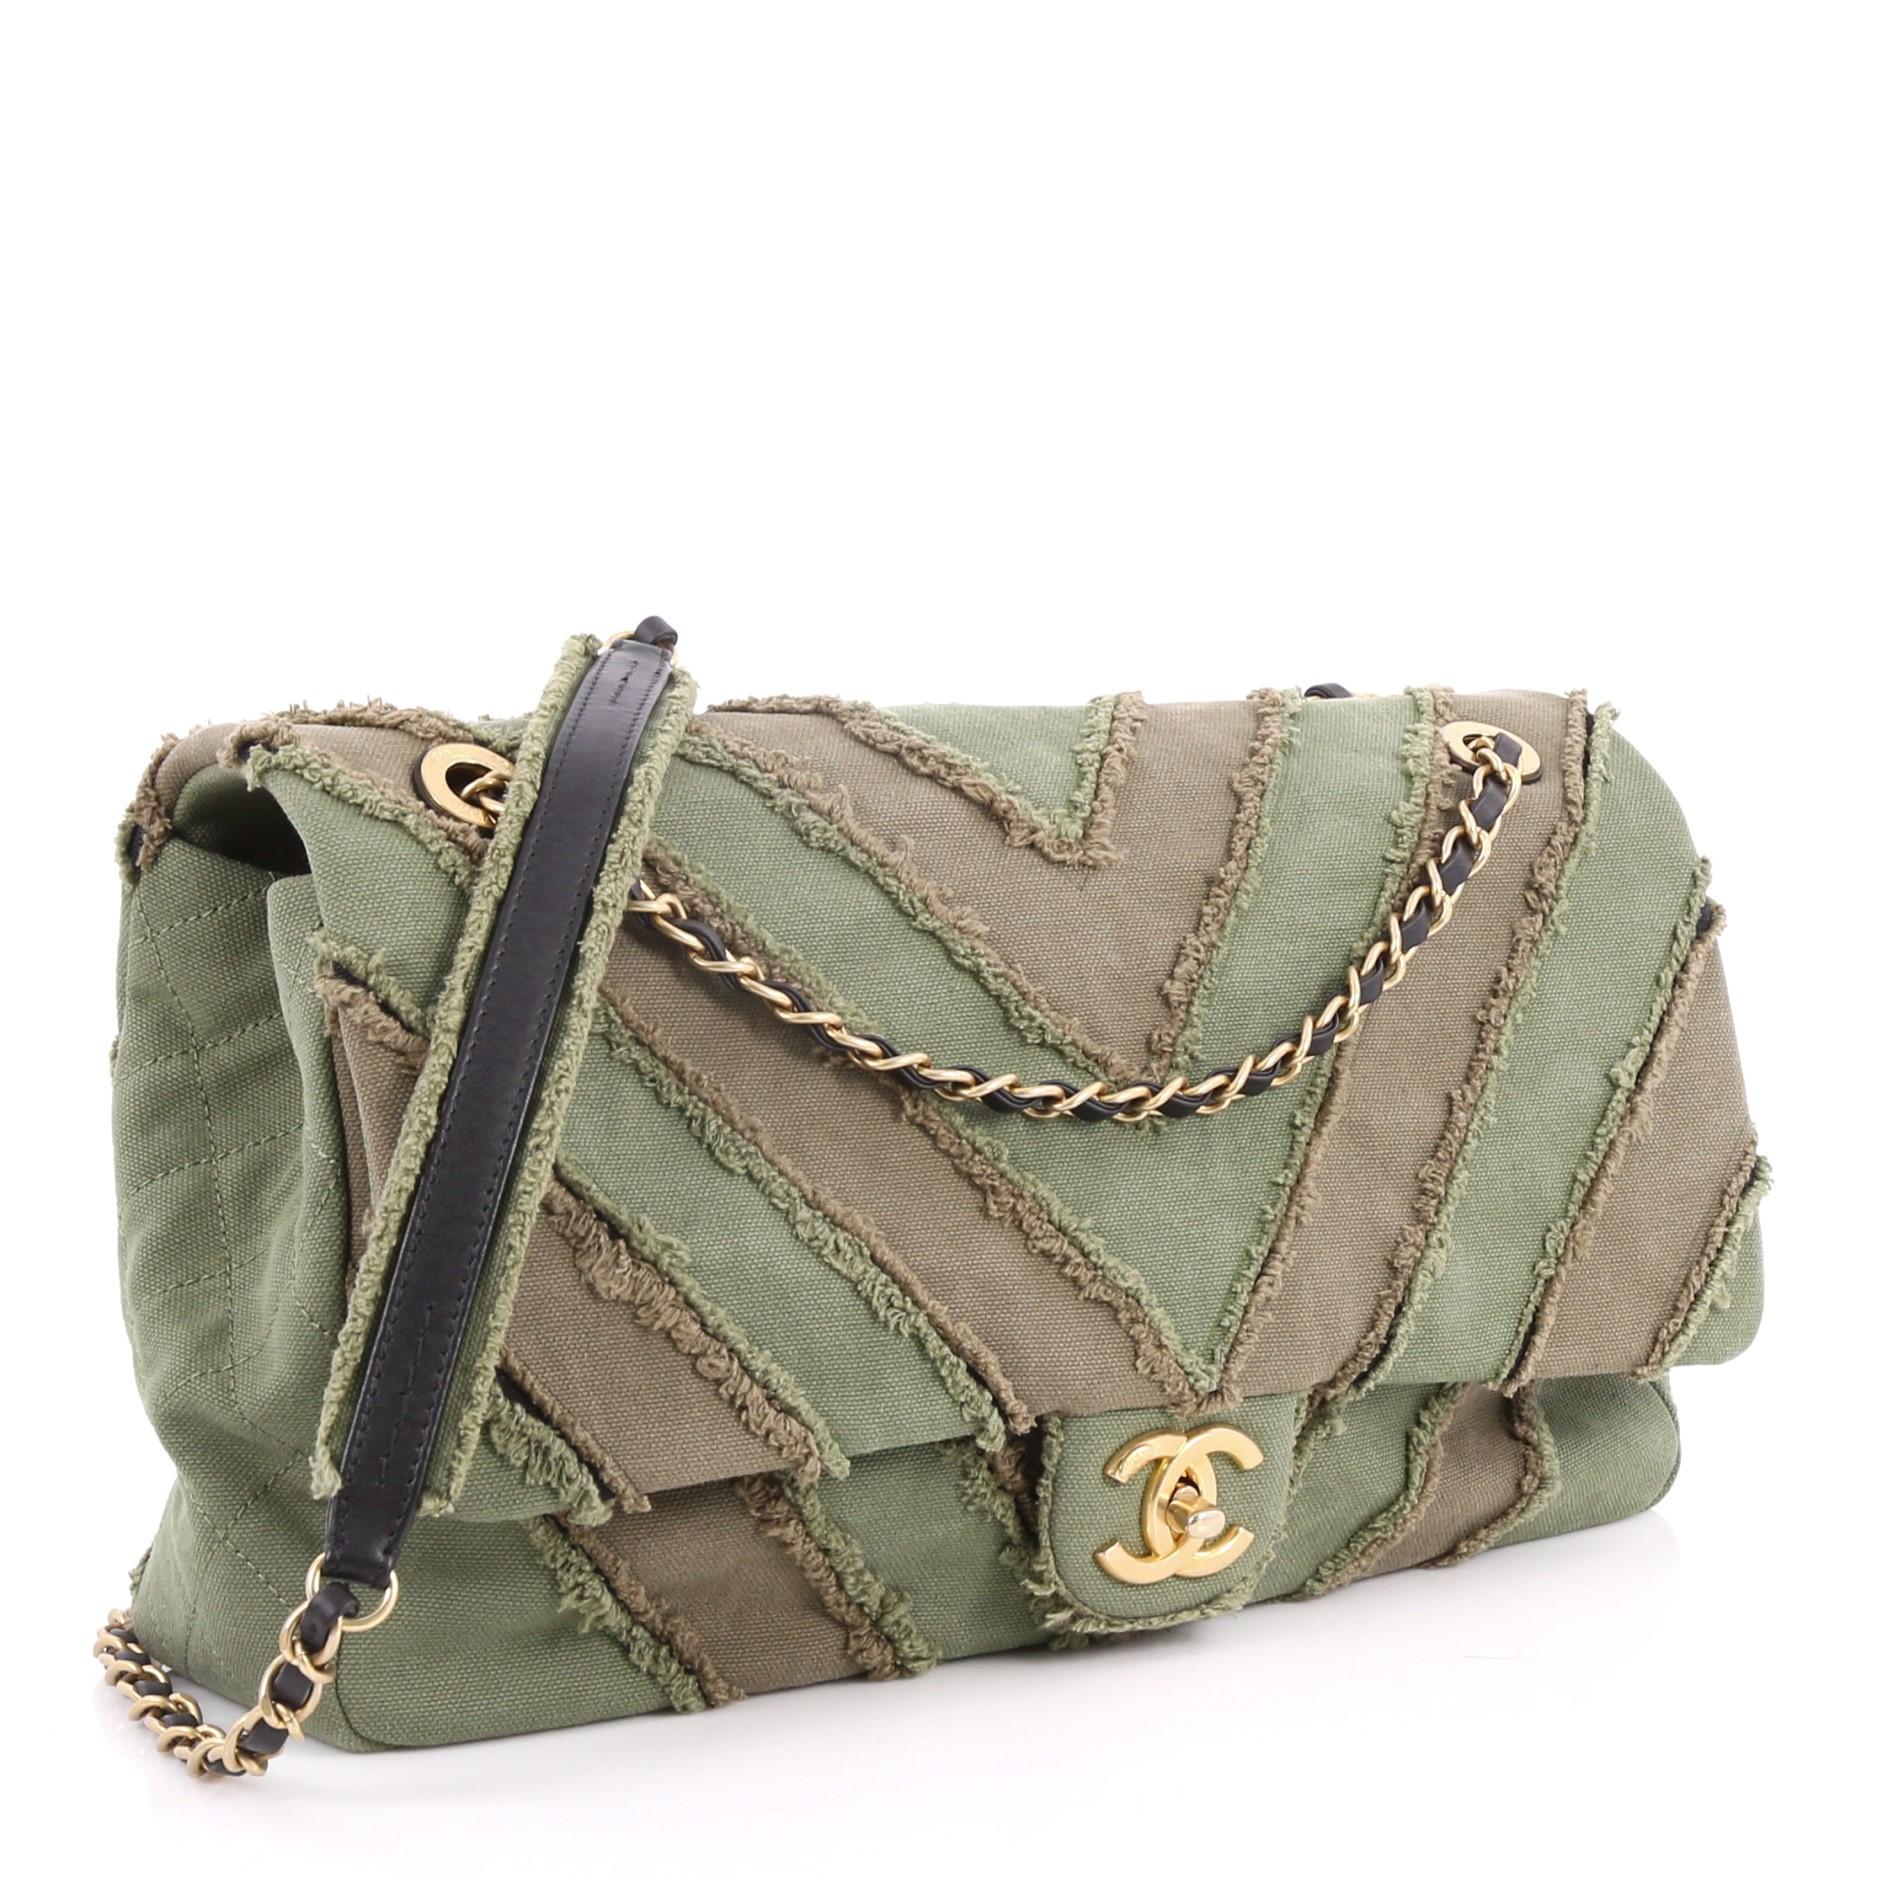 7efd8fec4e89 Chanel CC Flap Bag Chevron Canvas Patchwork Maxi at 1stdibs